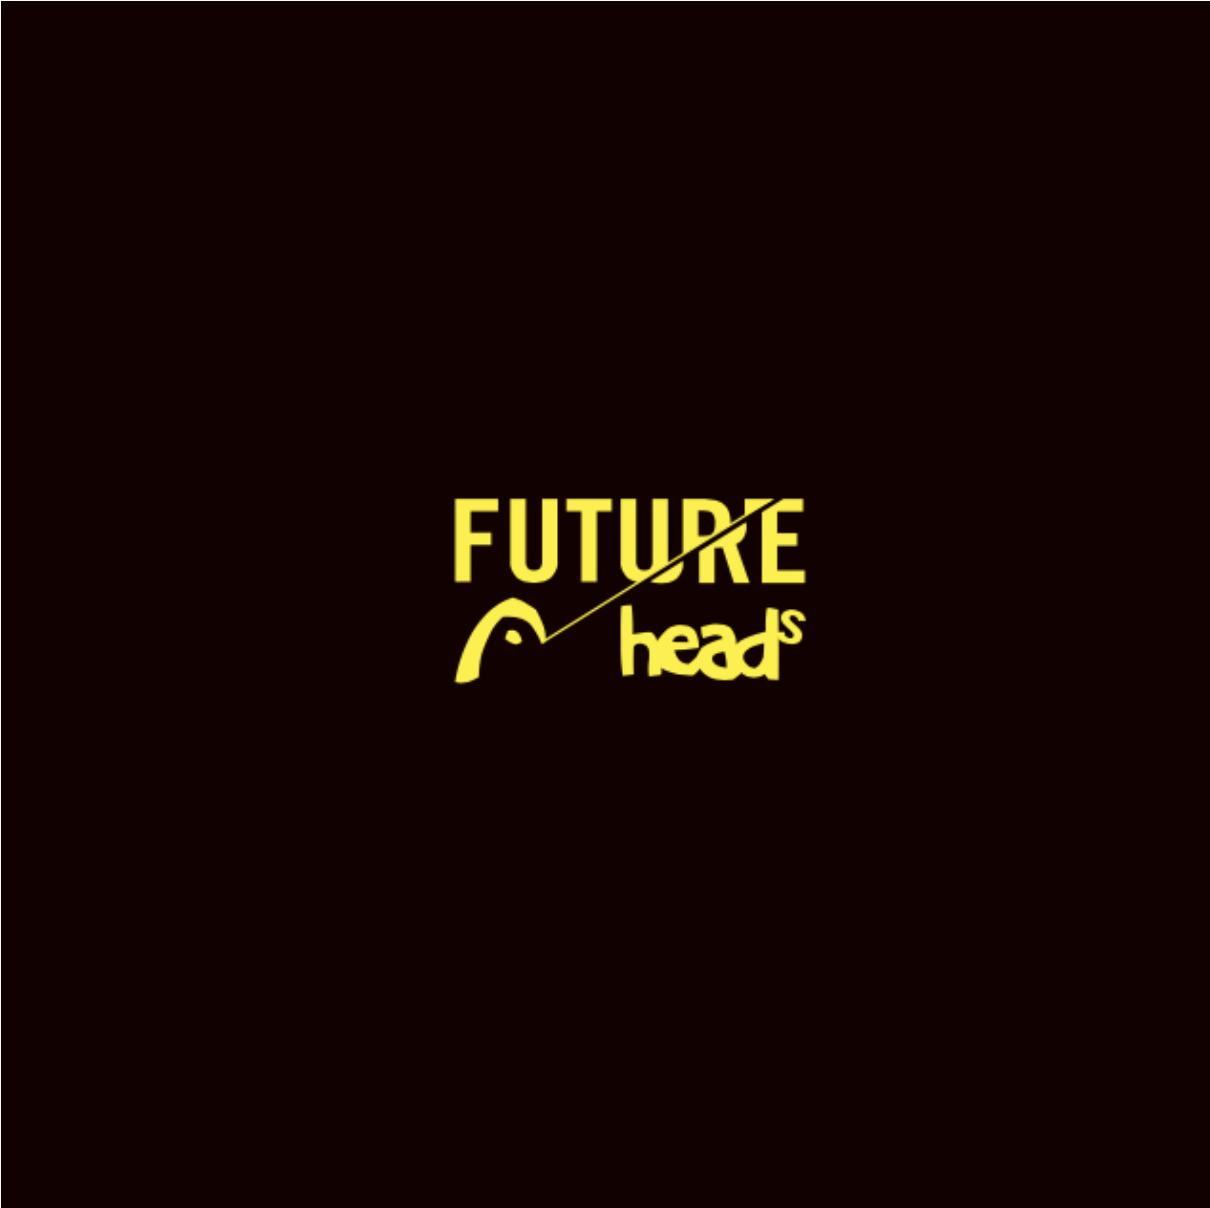 スノーボードを楽しめる情報を提供!「FUTUREheads」